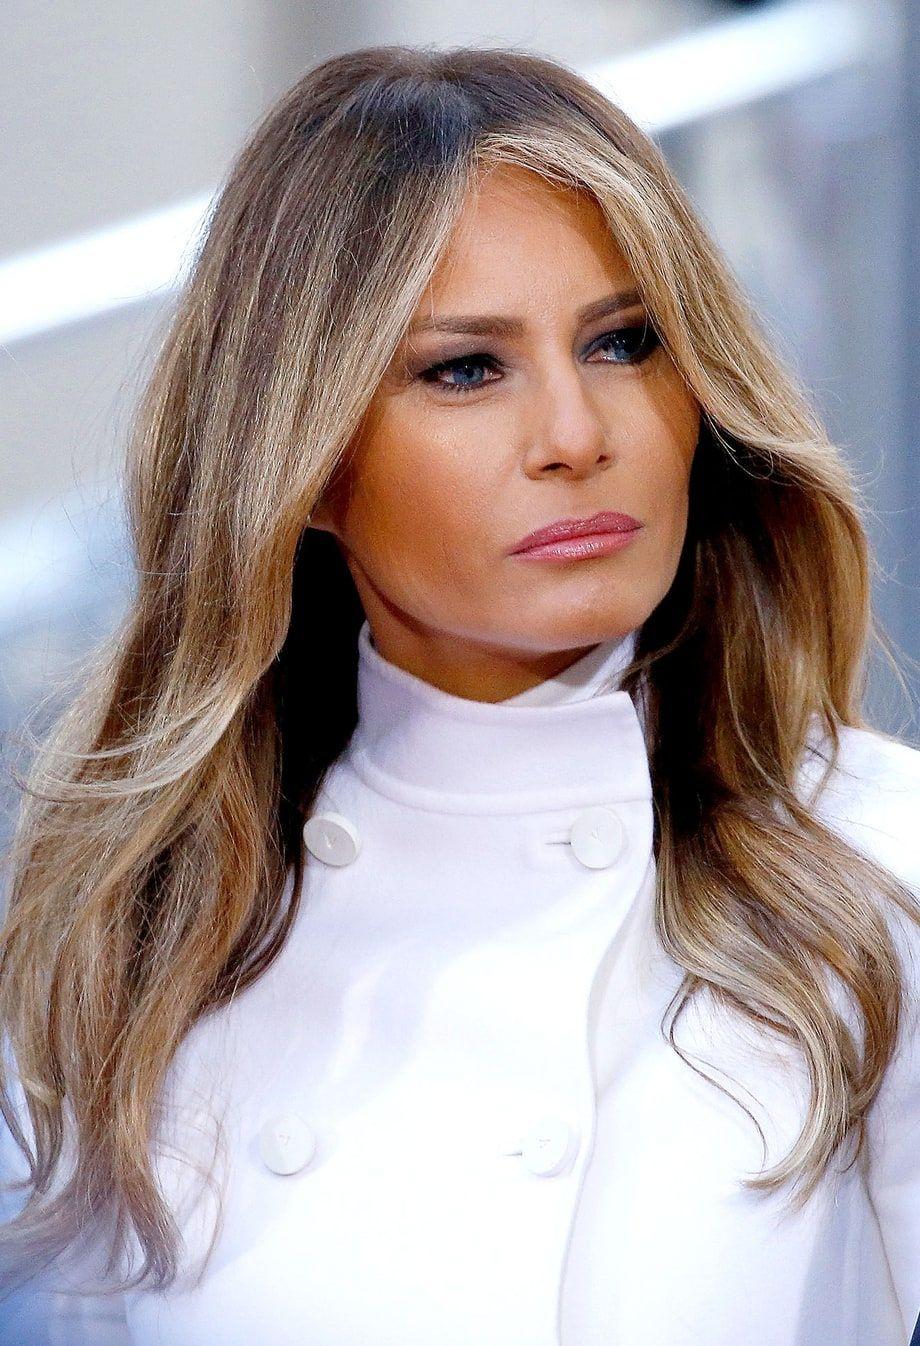 Elegant Donald Trump Frisur Anleitung Finden Sie Die Beste Frisur